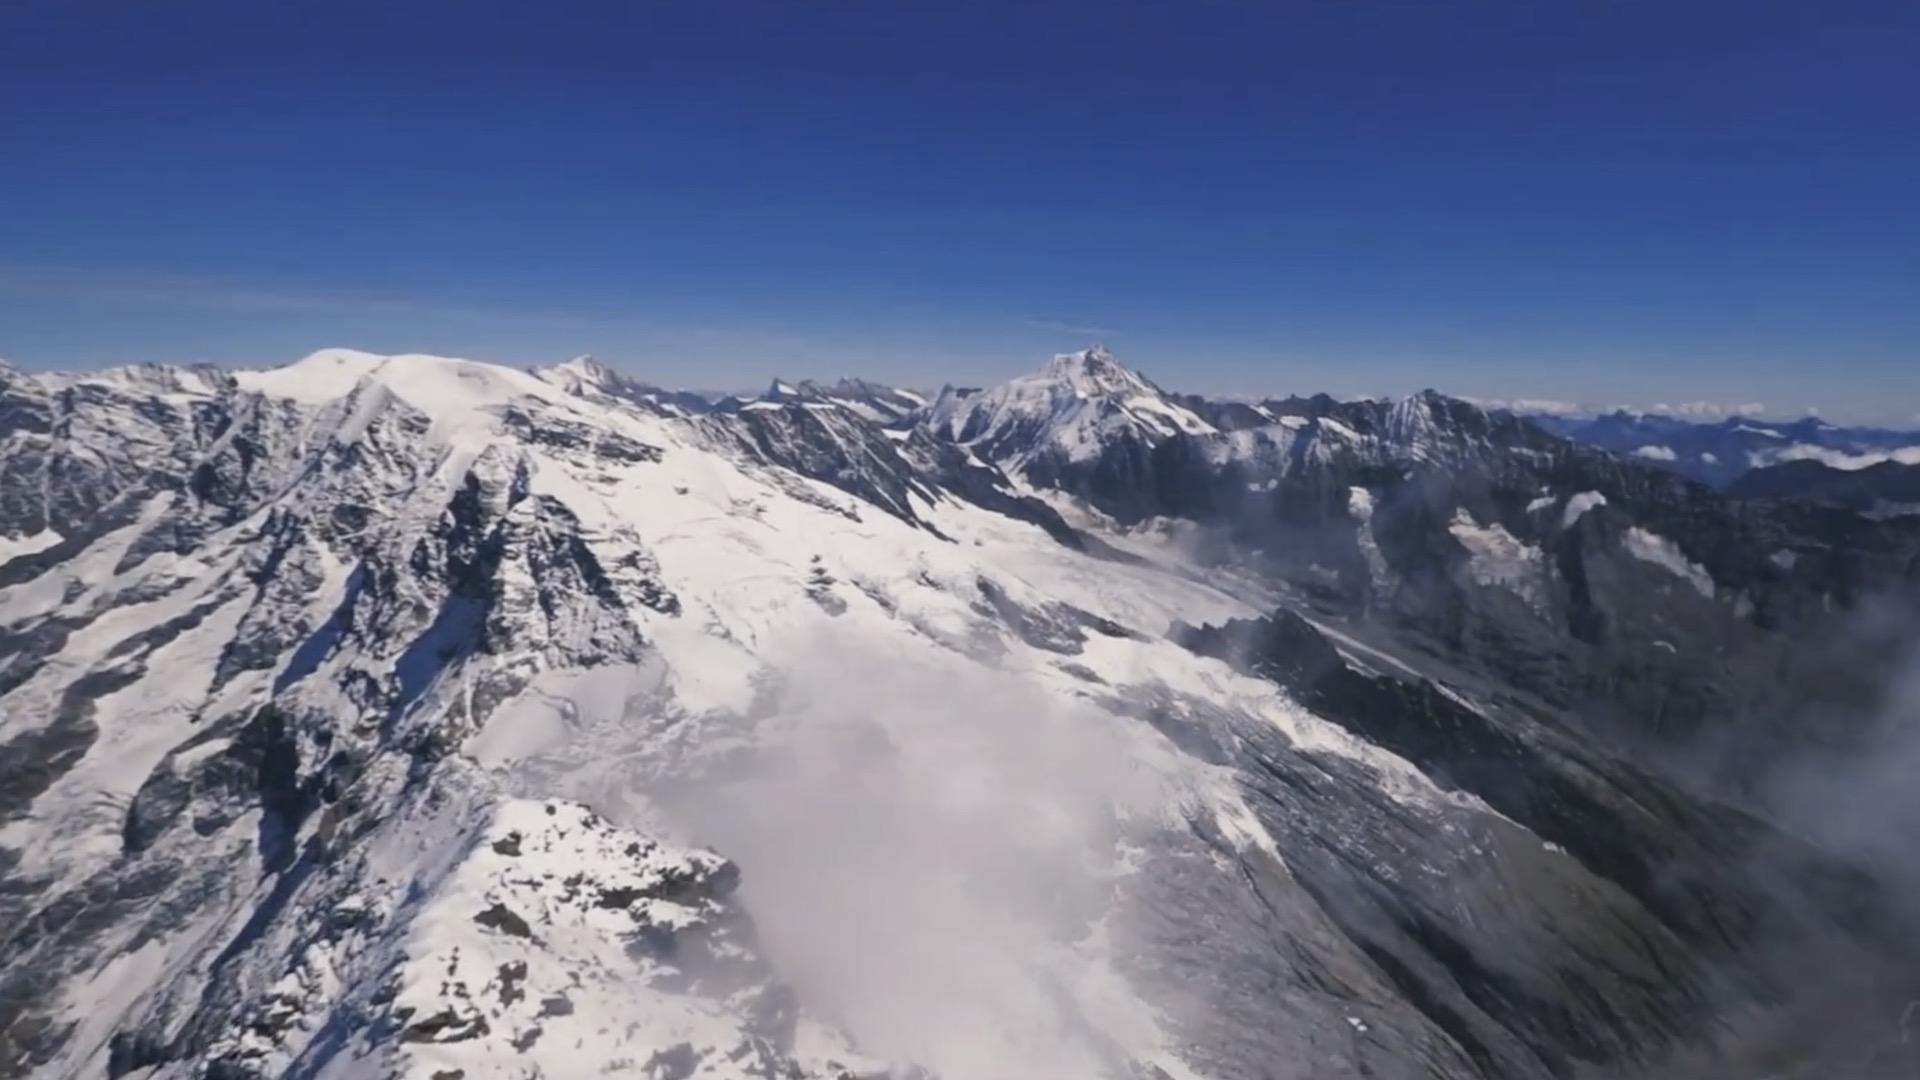 El video que recorre los Alpes Suizos y nos quita la respiración